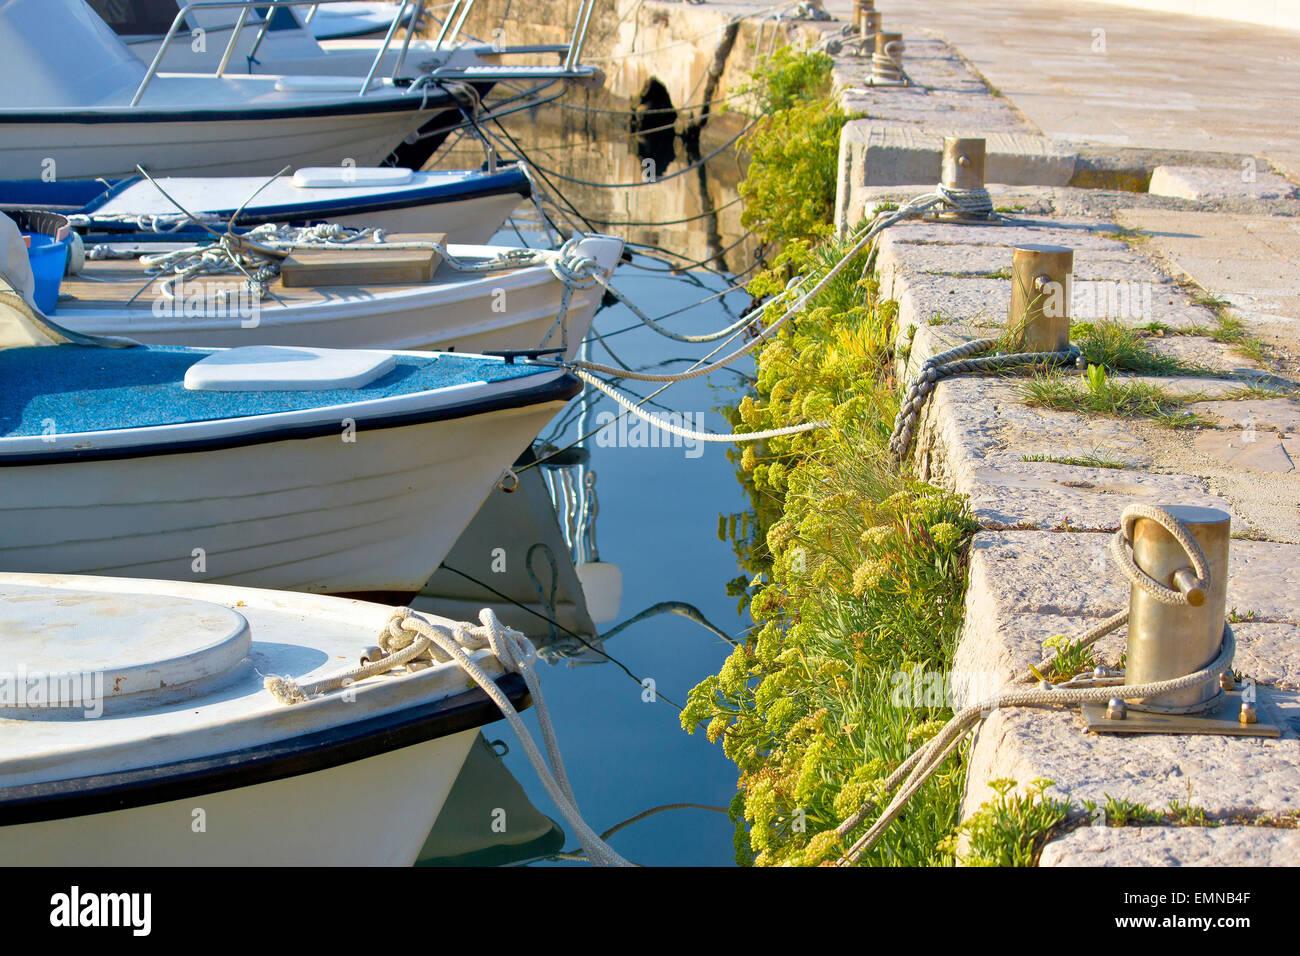 Boats tied at the marina - bow, ropes and mooring bollard view - Stock Image